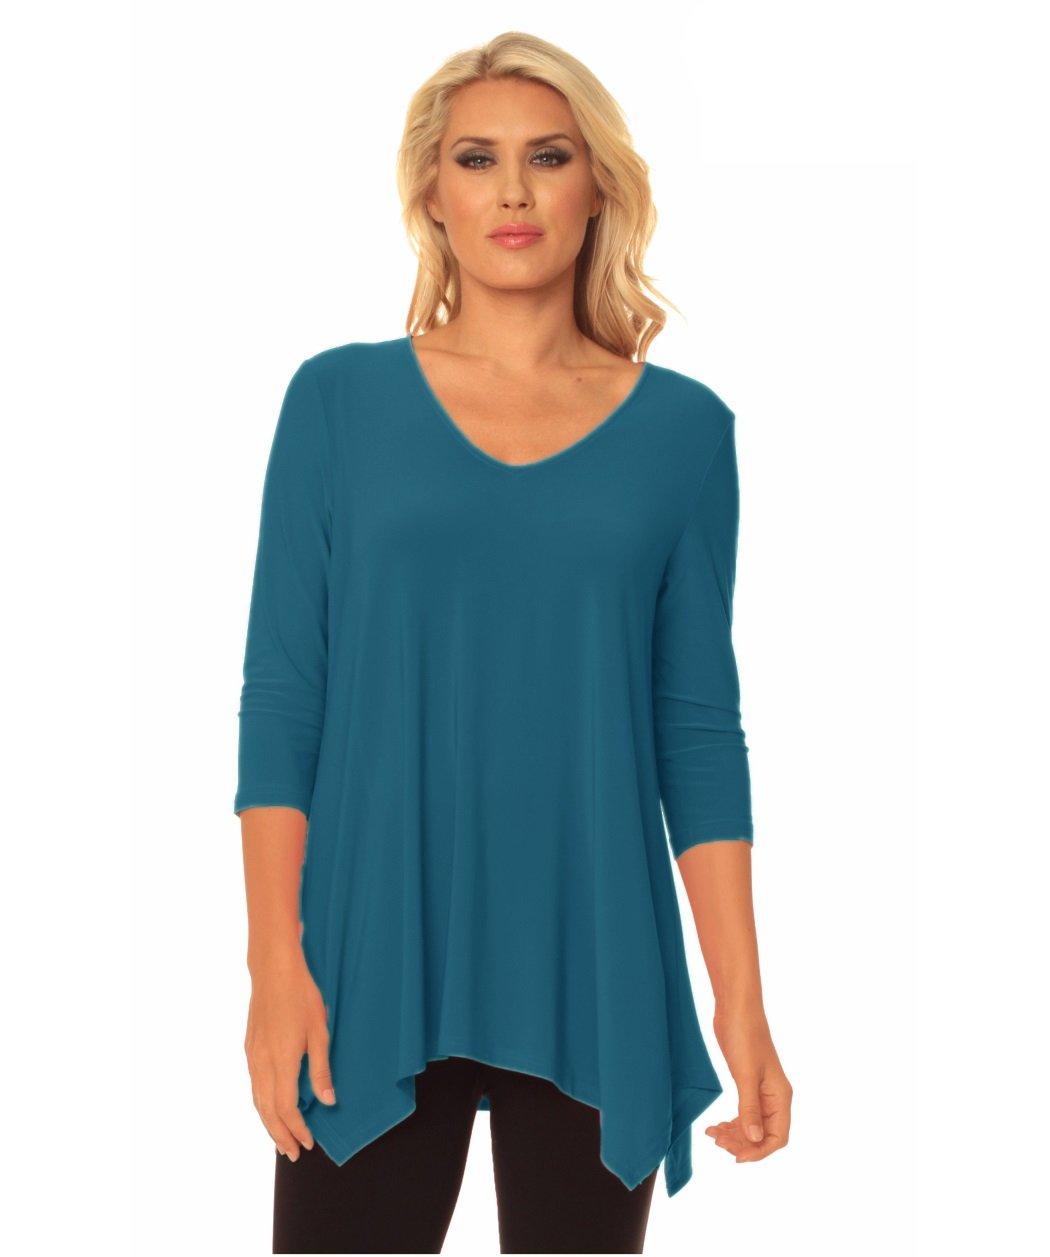 Alisha.D Travel Wear Tunic Fall Colors (Large, Indigo)